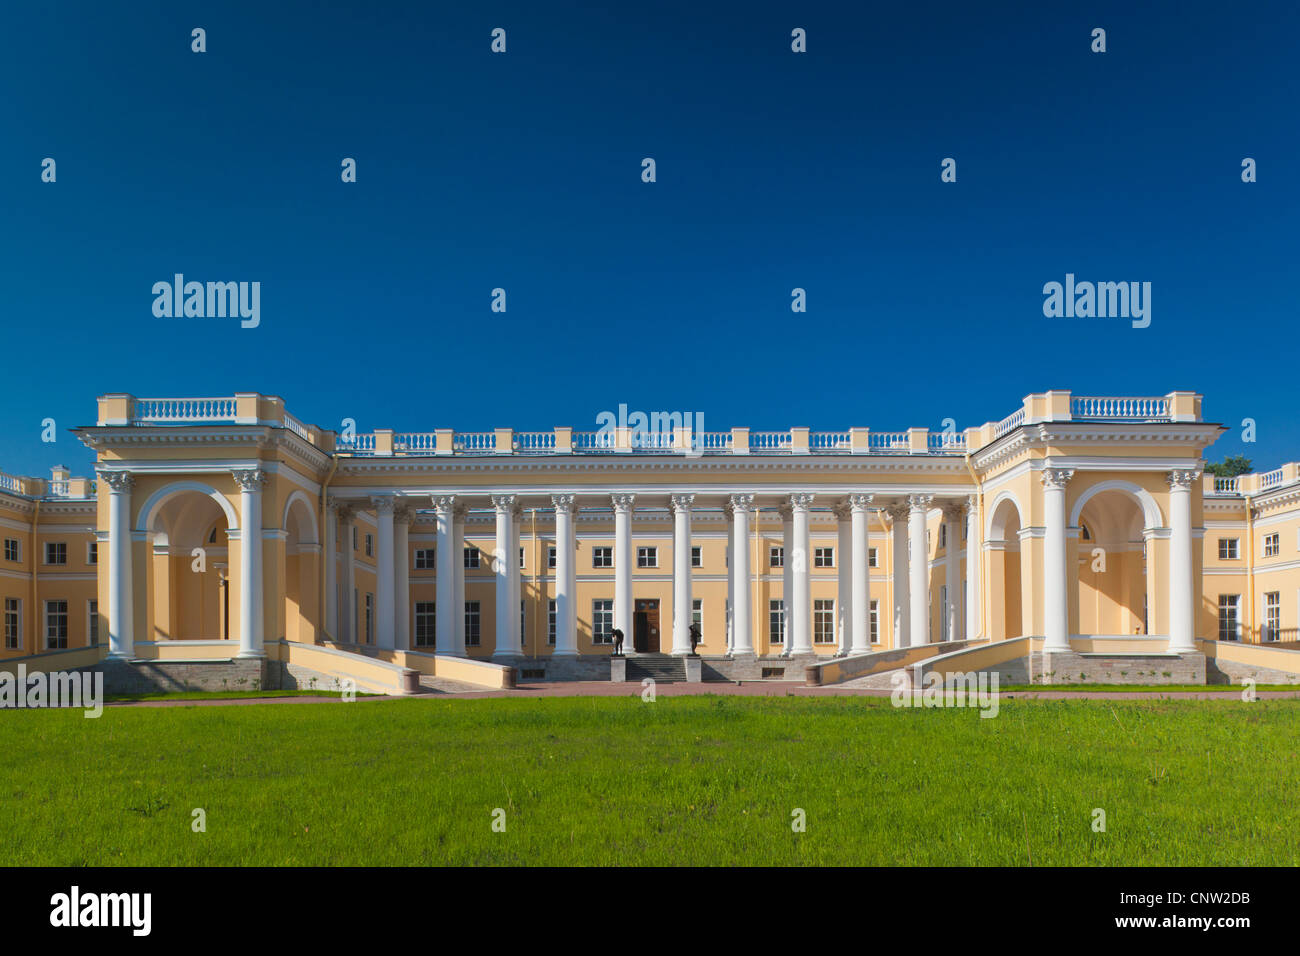 Russia, Saint Petersburg, Pushkin-Tsarskoye Selo ...